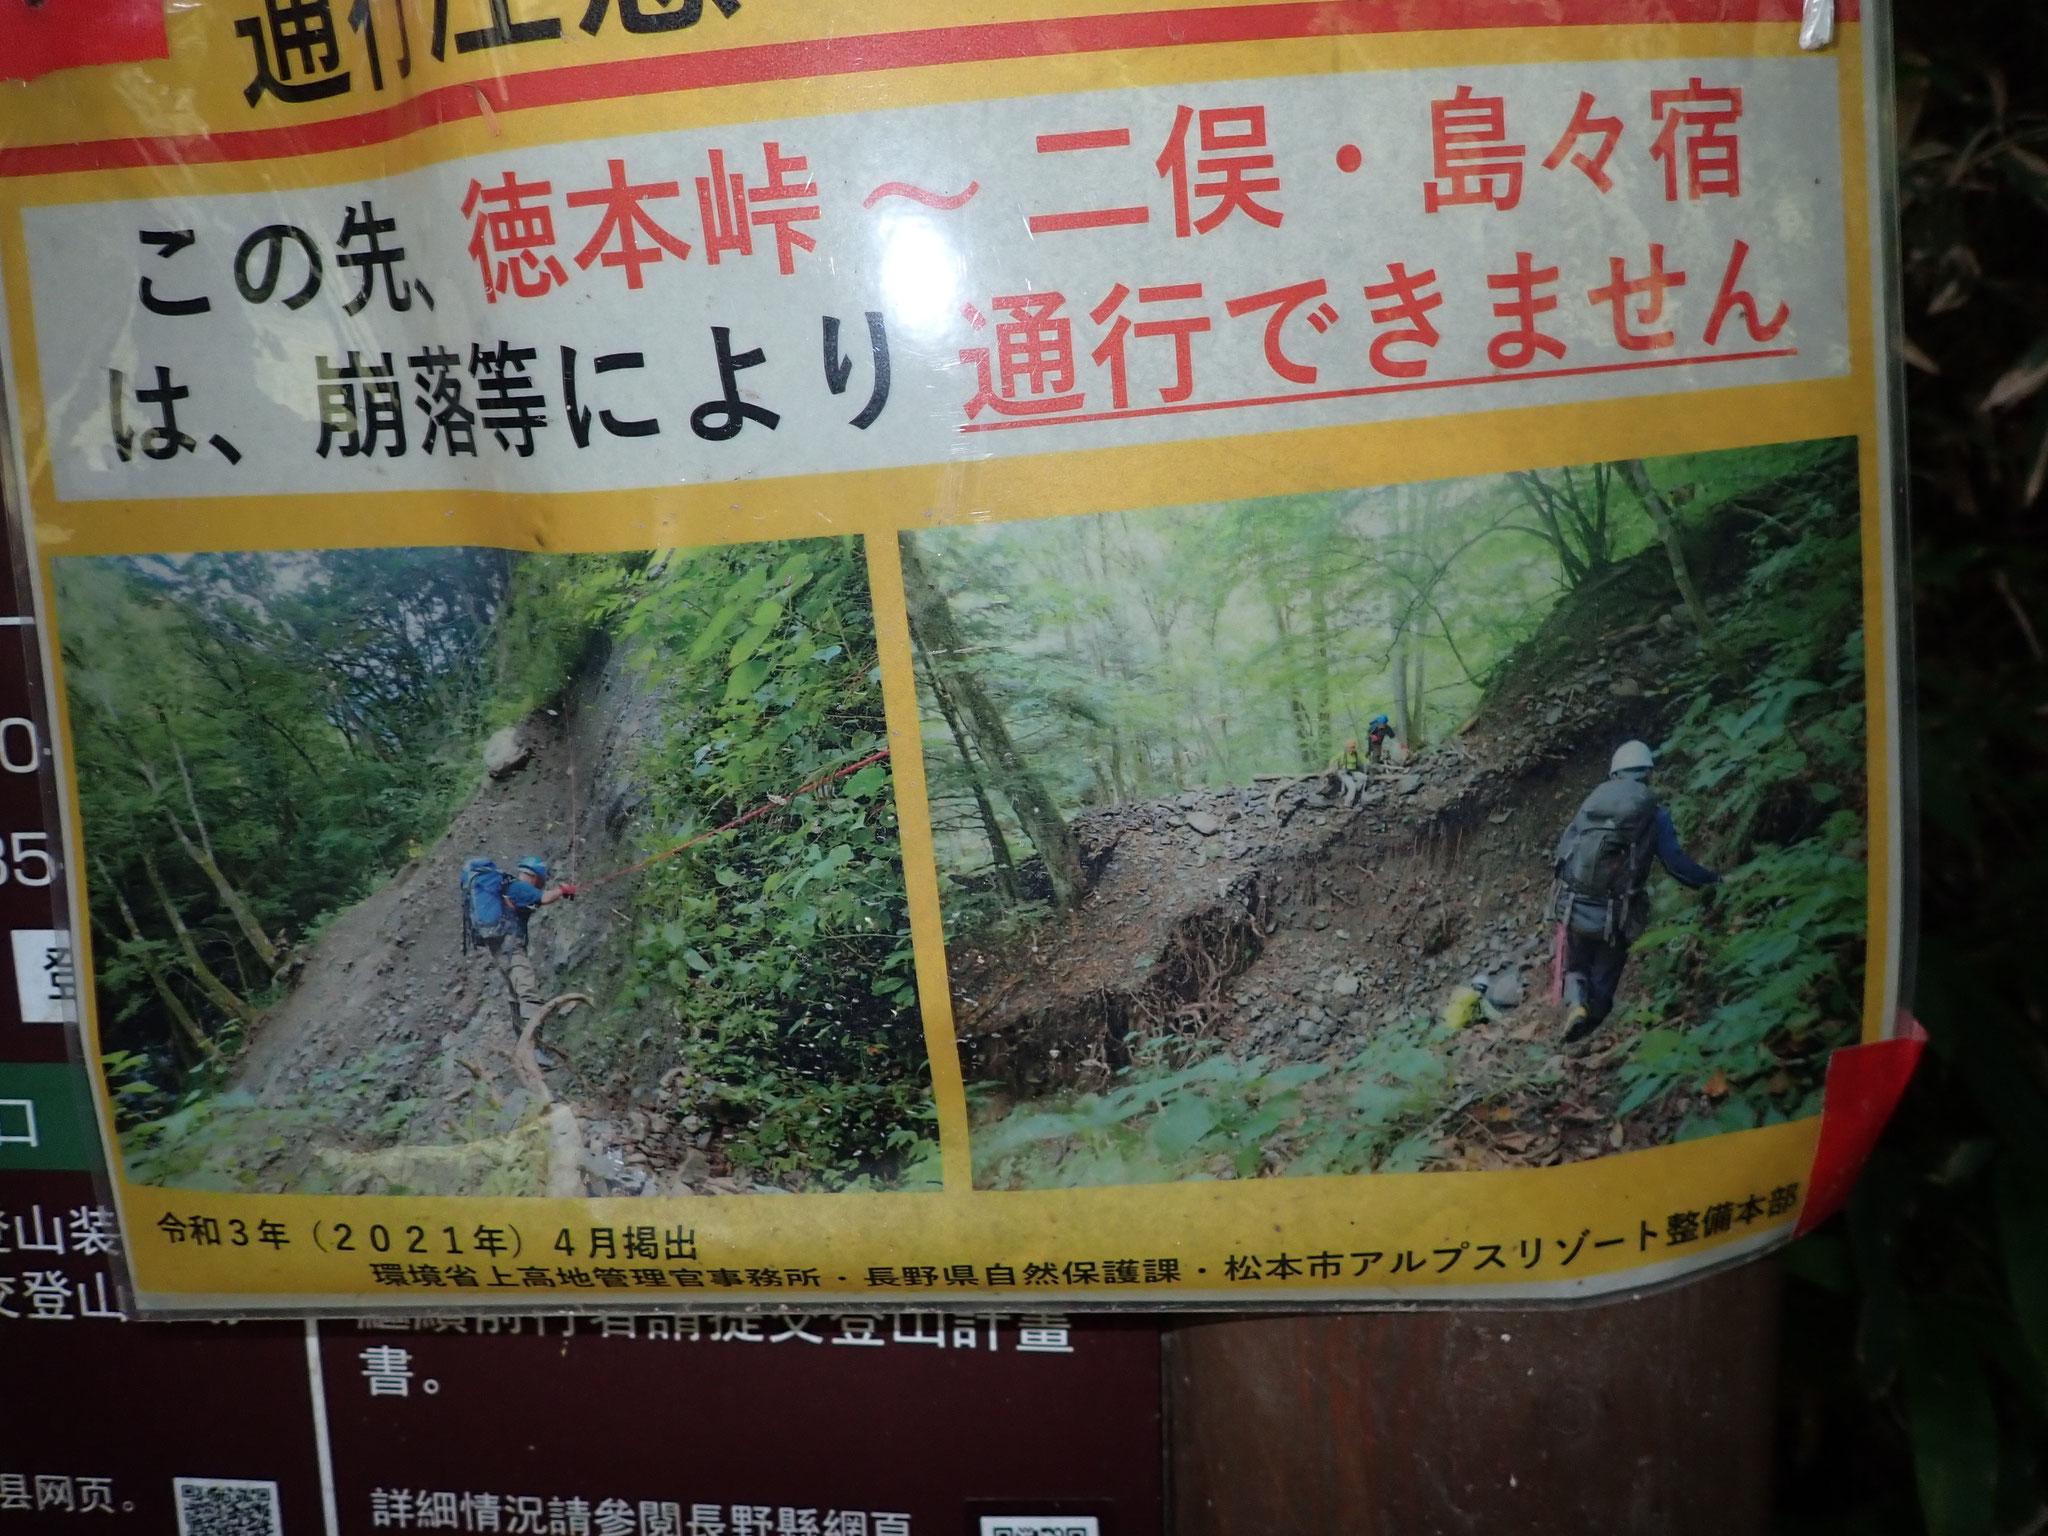 島々から徳本峠は4月頃から通行止め